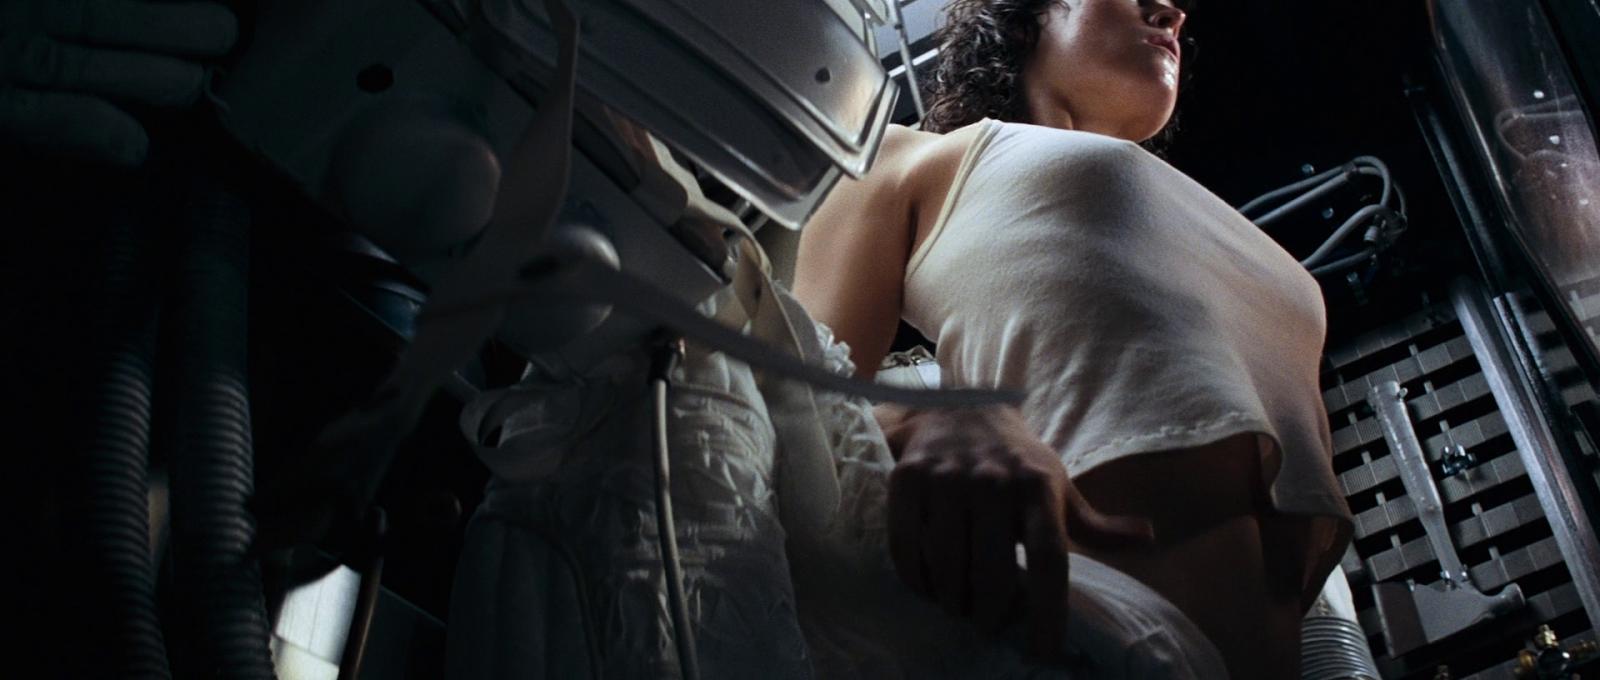 Alien Sex Scene 22